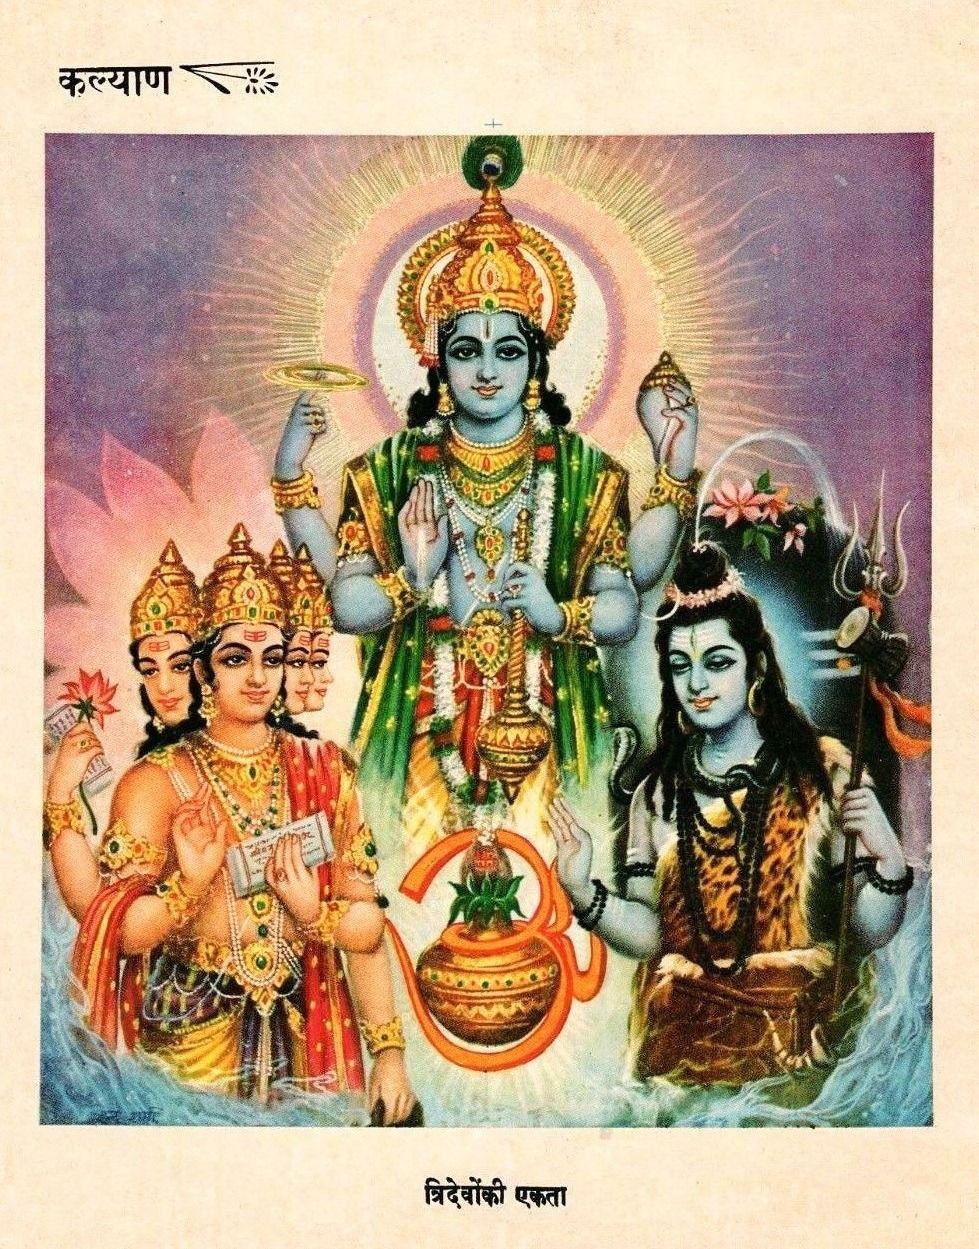 hinduism brahma vishnu shiva